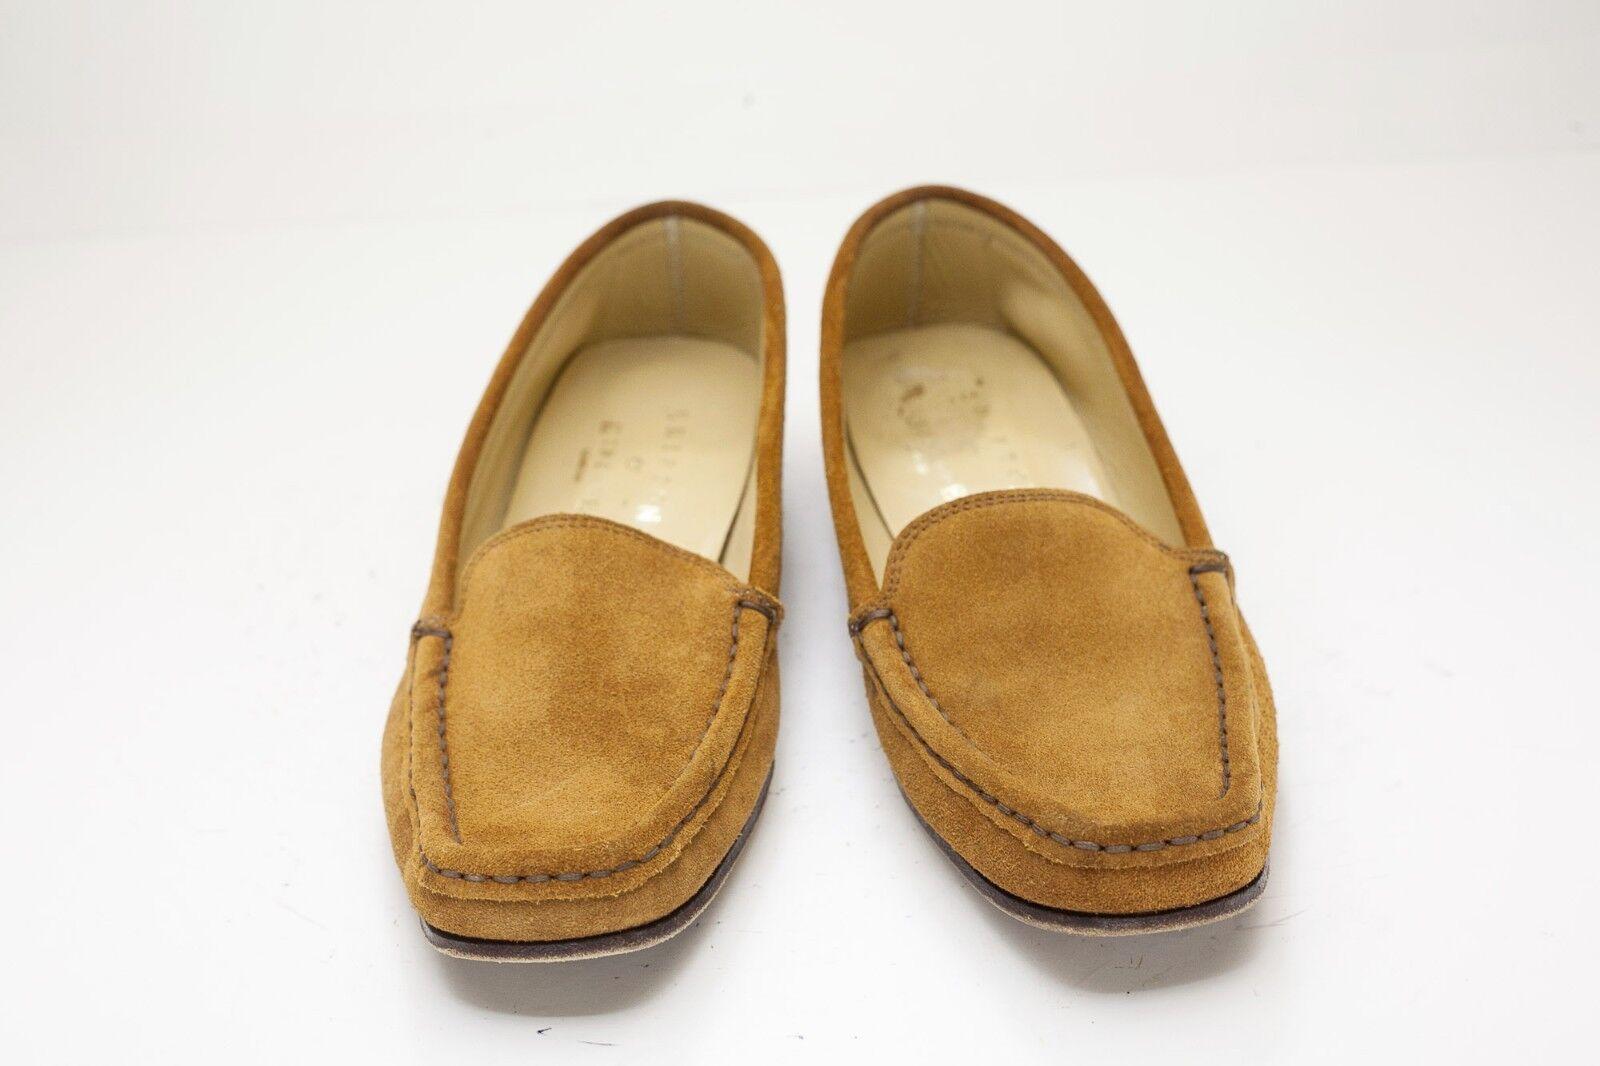 Shipton Shipton Shipton & Heneage 8.5 Brown Loafers Flats Women's EU 39 f80807